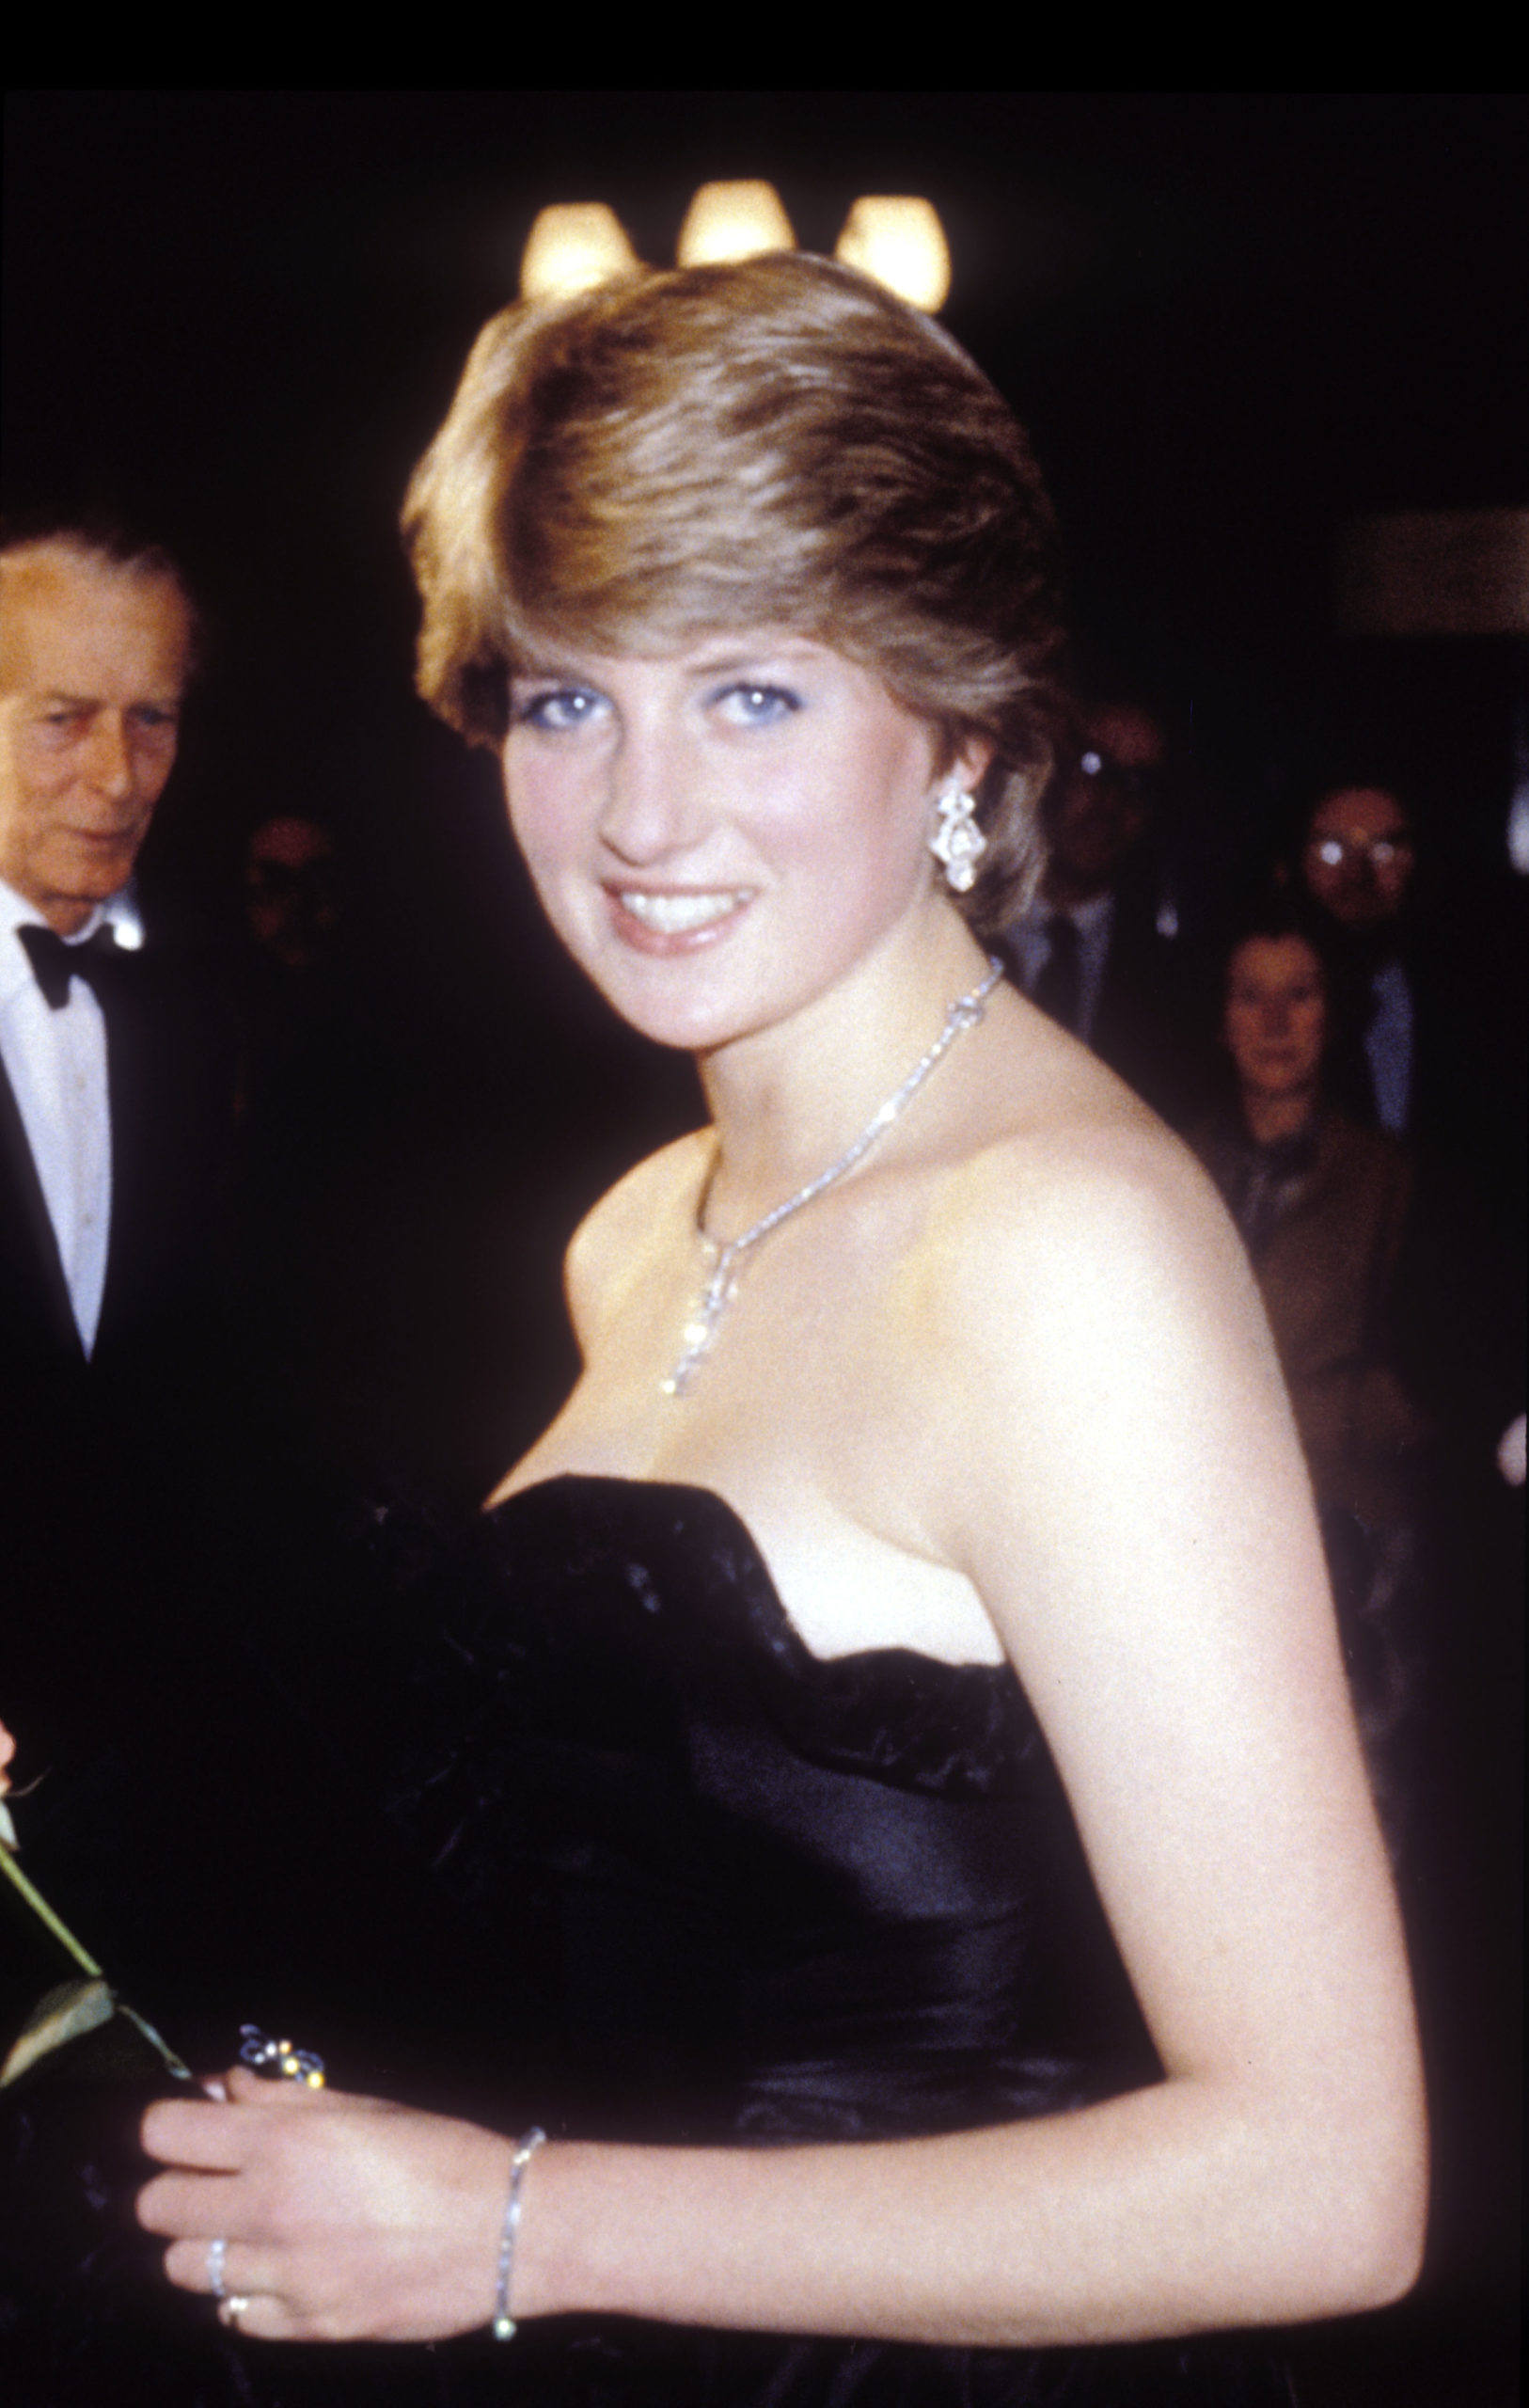 Księżna Diana w 1981 roku, fot. Keystone / KeystoneSU / Forum